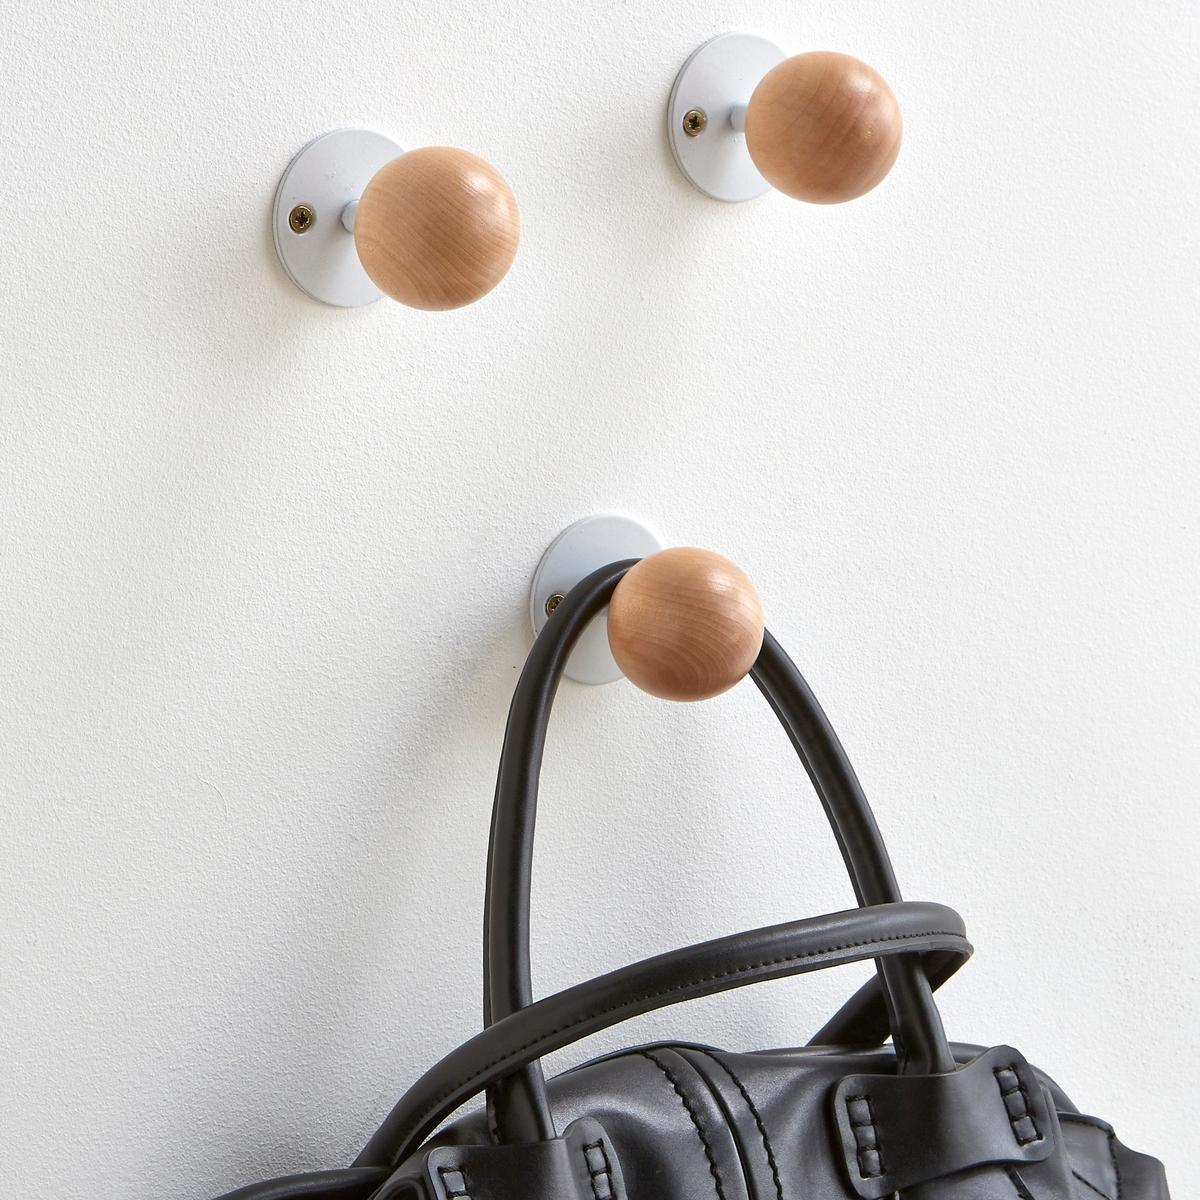 3 настенных вешалки с крючками AGAMA3 настенных вешалки с крючками из натуральной березы: располагайте их так, как Вам вздумается! Основание из металла с покрытием белым или черным лаком. Крепления в комплект не входят. Размеры 1 вешалки:Диаметр: 5 см.<br><br>Цвет: белый,черный